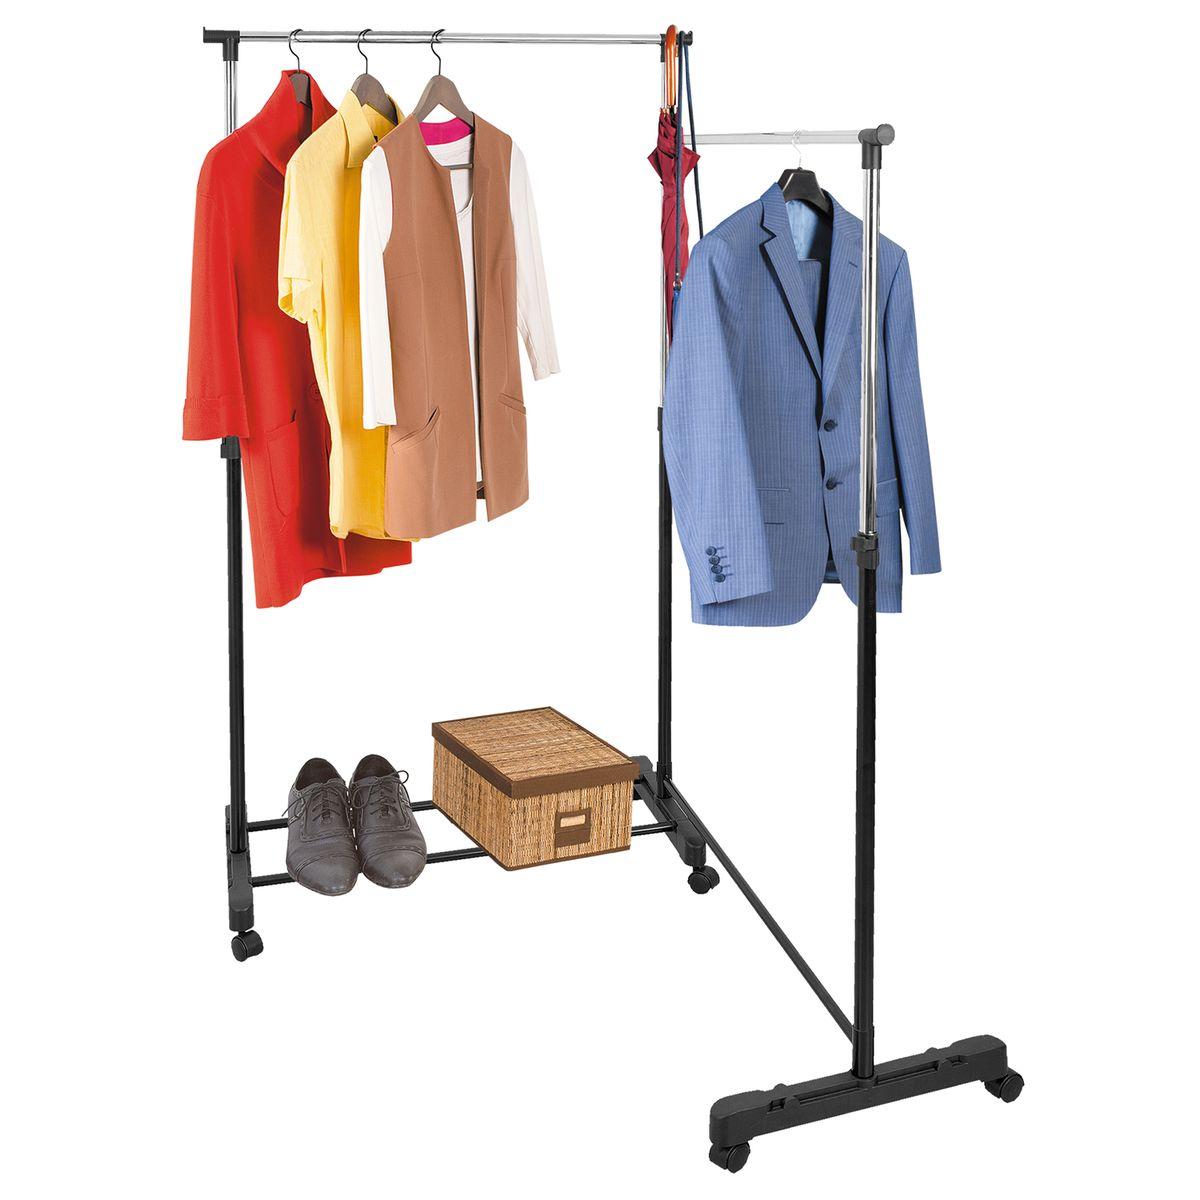 Стойка для одежды Tatkraft Twins, двойная, на колесах, с выдвижными штангами13377Двойная стойка Tatkraft Twins выполнена из хромированной стали и пластика. Она подойдет для хранения большого гардероба, а также незаменима для большой семьи. Свободно вращающиеся колесики и небольшой вес, обеспечивают стойке практически неограниченную мобильность, что, с одной стороны, существенно облегчает уборку, а с другой - не стесняет ваших передвижений в собственном доме.Прочная основа и регулируемая форма стойки для одежды с легкостью выдерживают вес до 30 кг, она может вместить до 40 вешалок с рубашками, платьями и с верхней одеждой. Крючки по бокам позволят хранить сумки и зонты, а на планках внизу стойки можно компактно поместить коробки с обувью. Надежные зажимы регулируют высоту планки комфортную именно для вас. В современной жизни с ее быстрым ритмом ценится каждая минута, а порядок в доме позволяет не тратить лишнее время на поиск вещей. Важно, чтобы все было под рукой, занимало как можно меньше места и служило достаточно долго. Части стойки поворачиваются на 360 градусов. Регулируемая высота стойки: 103,5-167 см. Длина стойки в сложенном виде: 100 см. Длина стойки в разложенном виде: 175,5 см. Ширина стойки: 42,5 см.